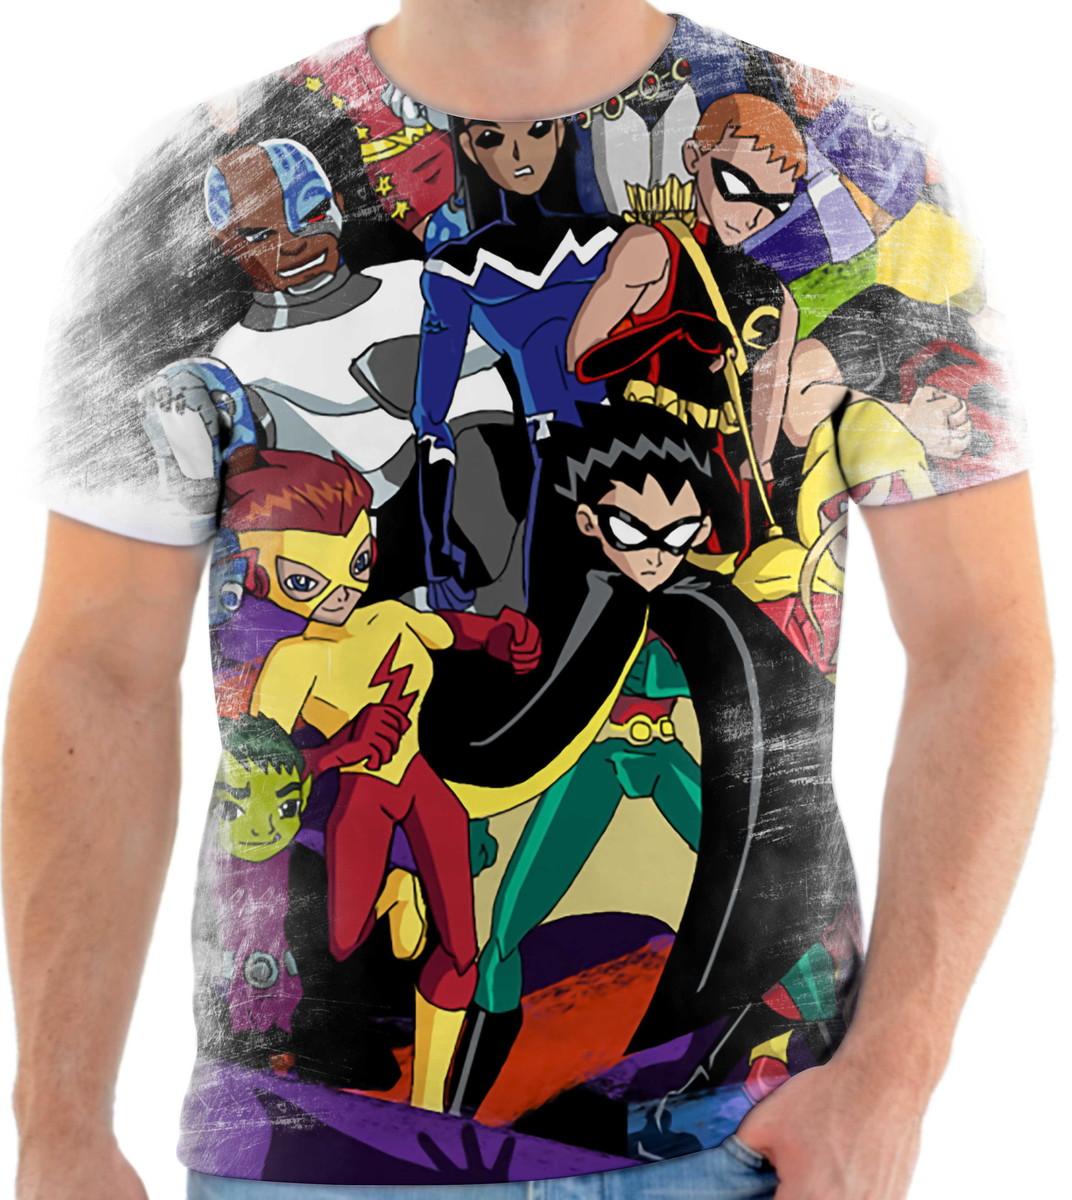 d2df417394 Camisa Camiseta Personalizada Desenho Cartoon Jovens Titãs 6 no Elo7 ...